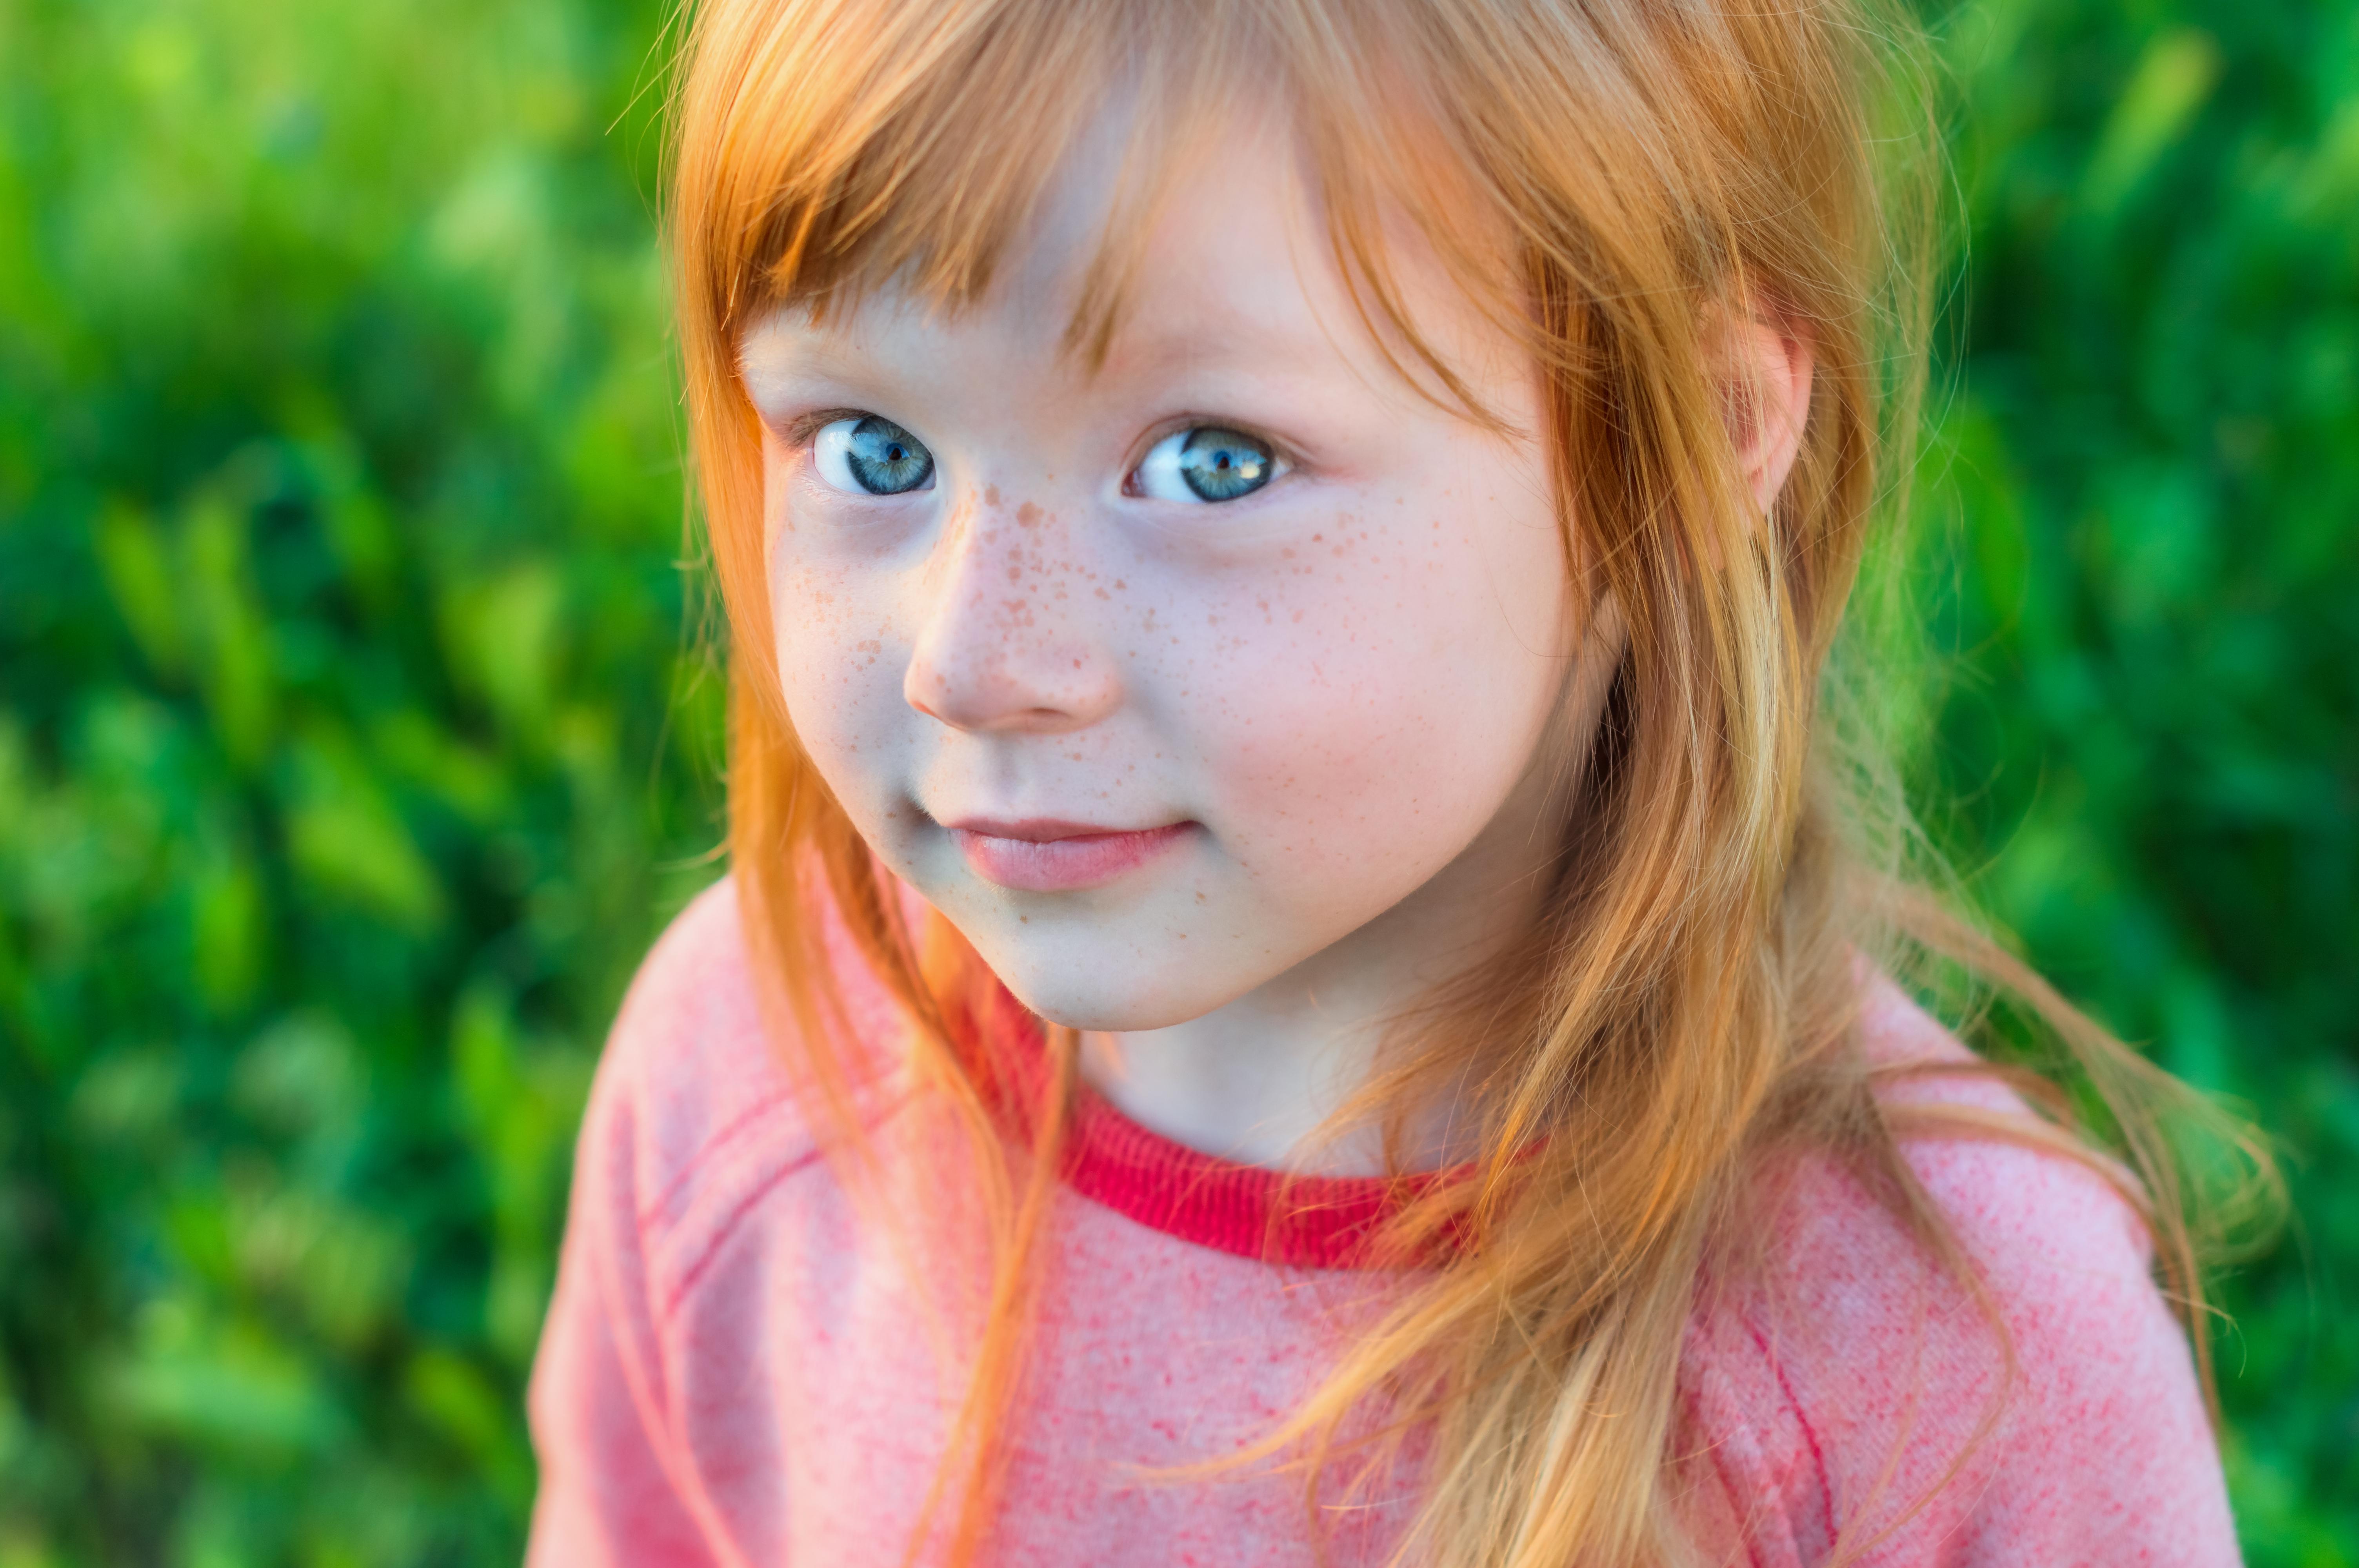 Om du har ett barn, eller ungdom, i din närhet som du oroar dig för – våga fråga och visa att du finns där som stöd!